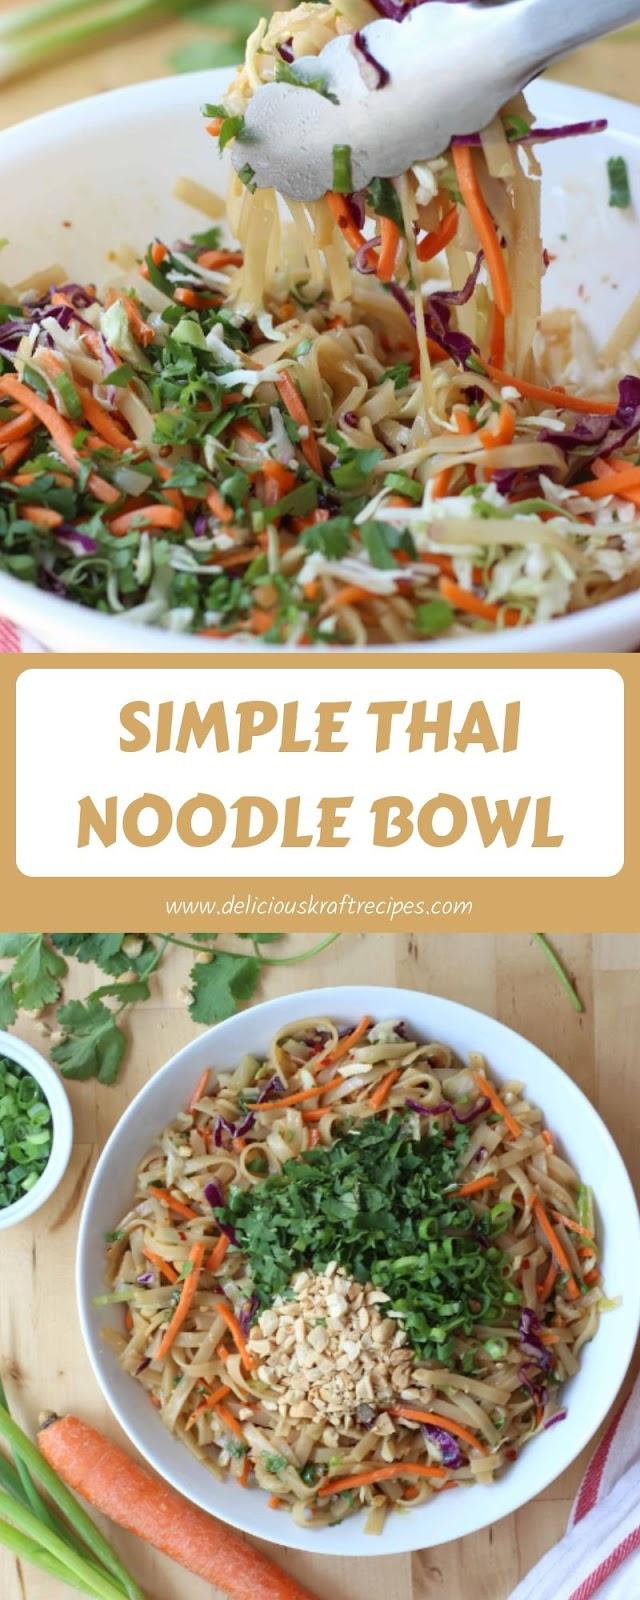 SIMPLE THAI NOODLE BOWL